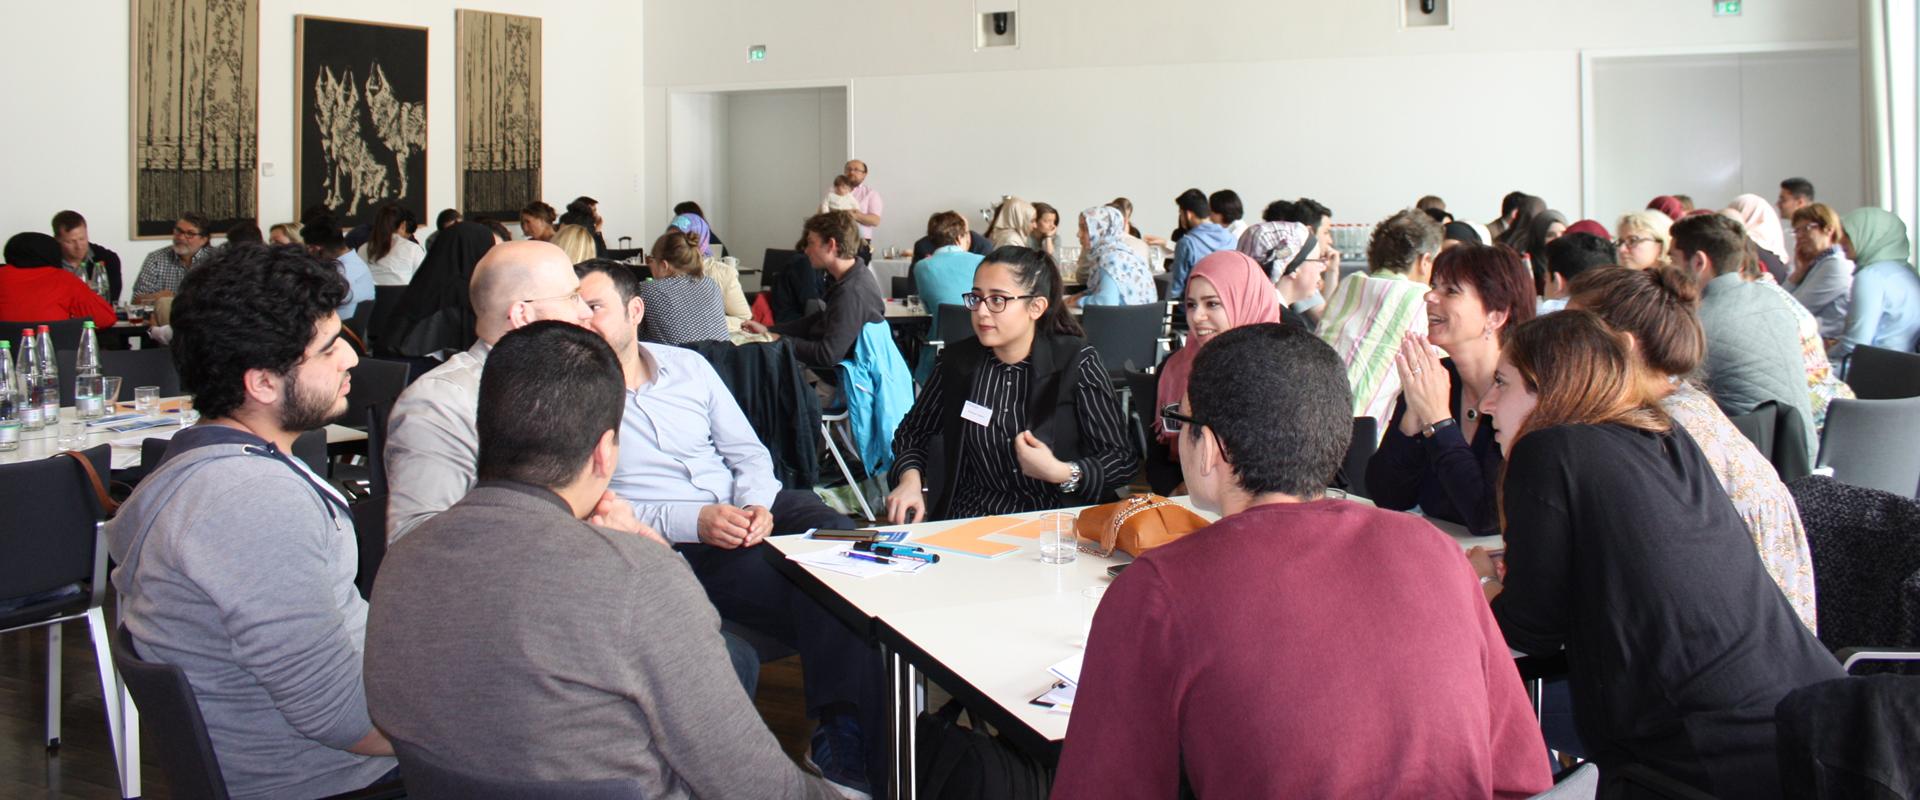 Junge Musliminnen hinterfragen ihre kulturellen Rollen und beteiligen sich aktiv im Gesellschaftsleben